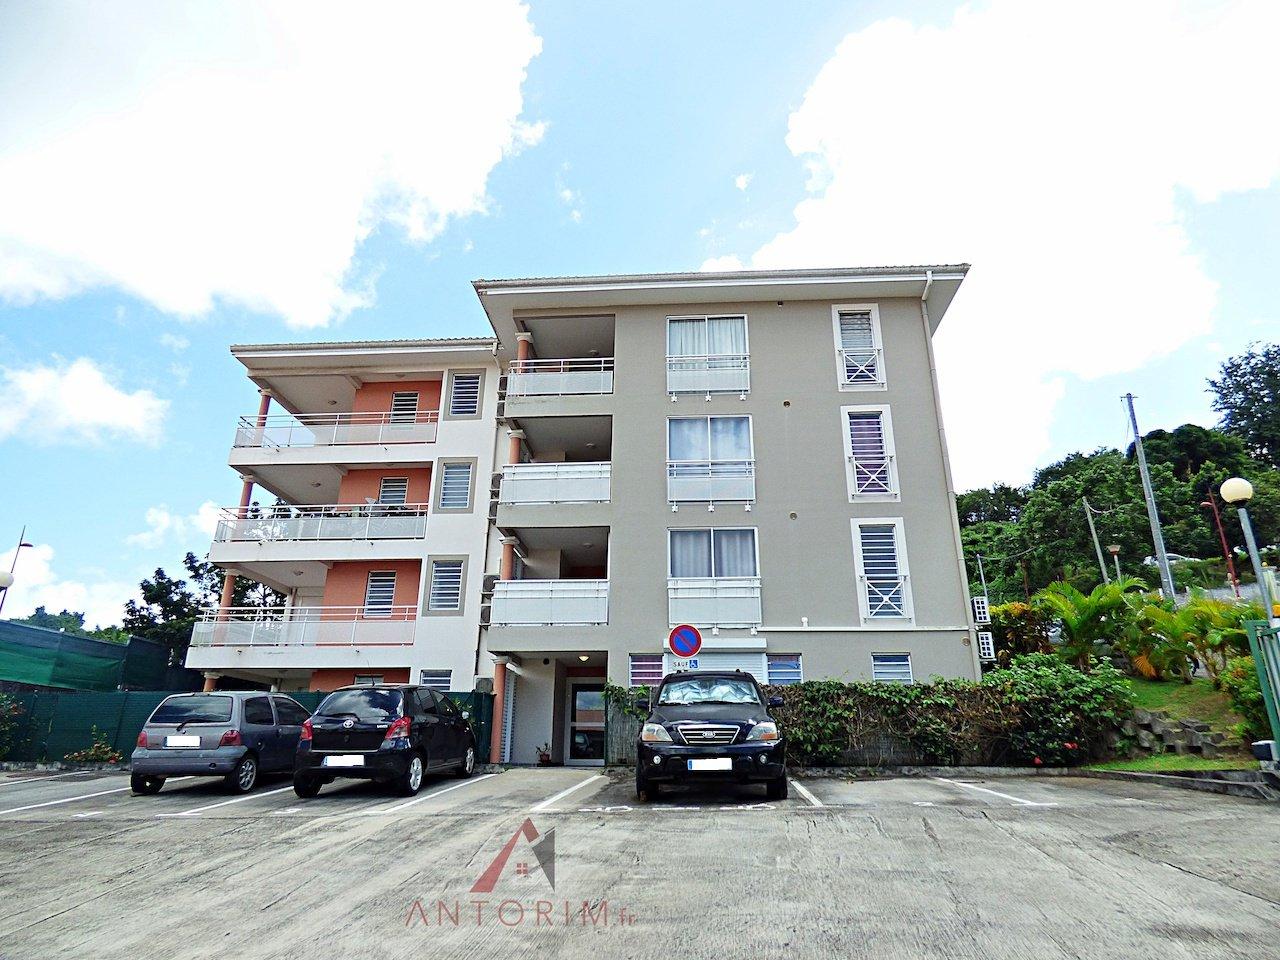 Appartement T3 Neuf - Sécurisé - 2 Chambres Climatisées - Parking - Cave